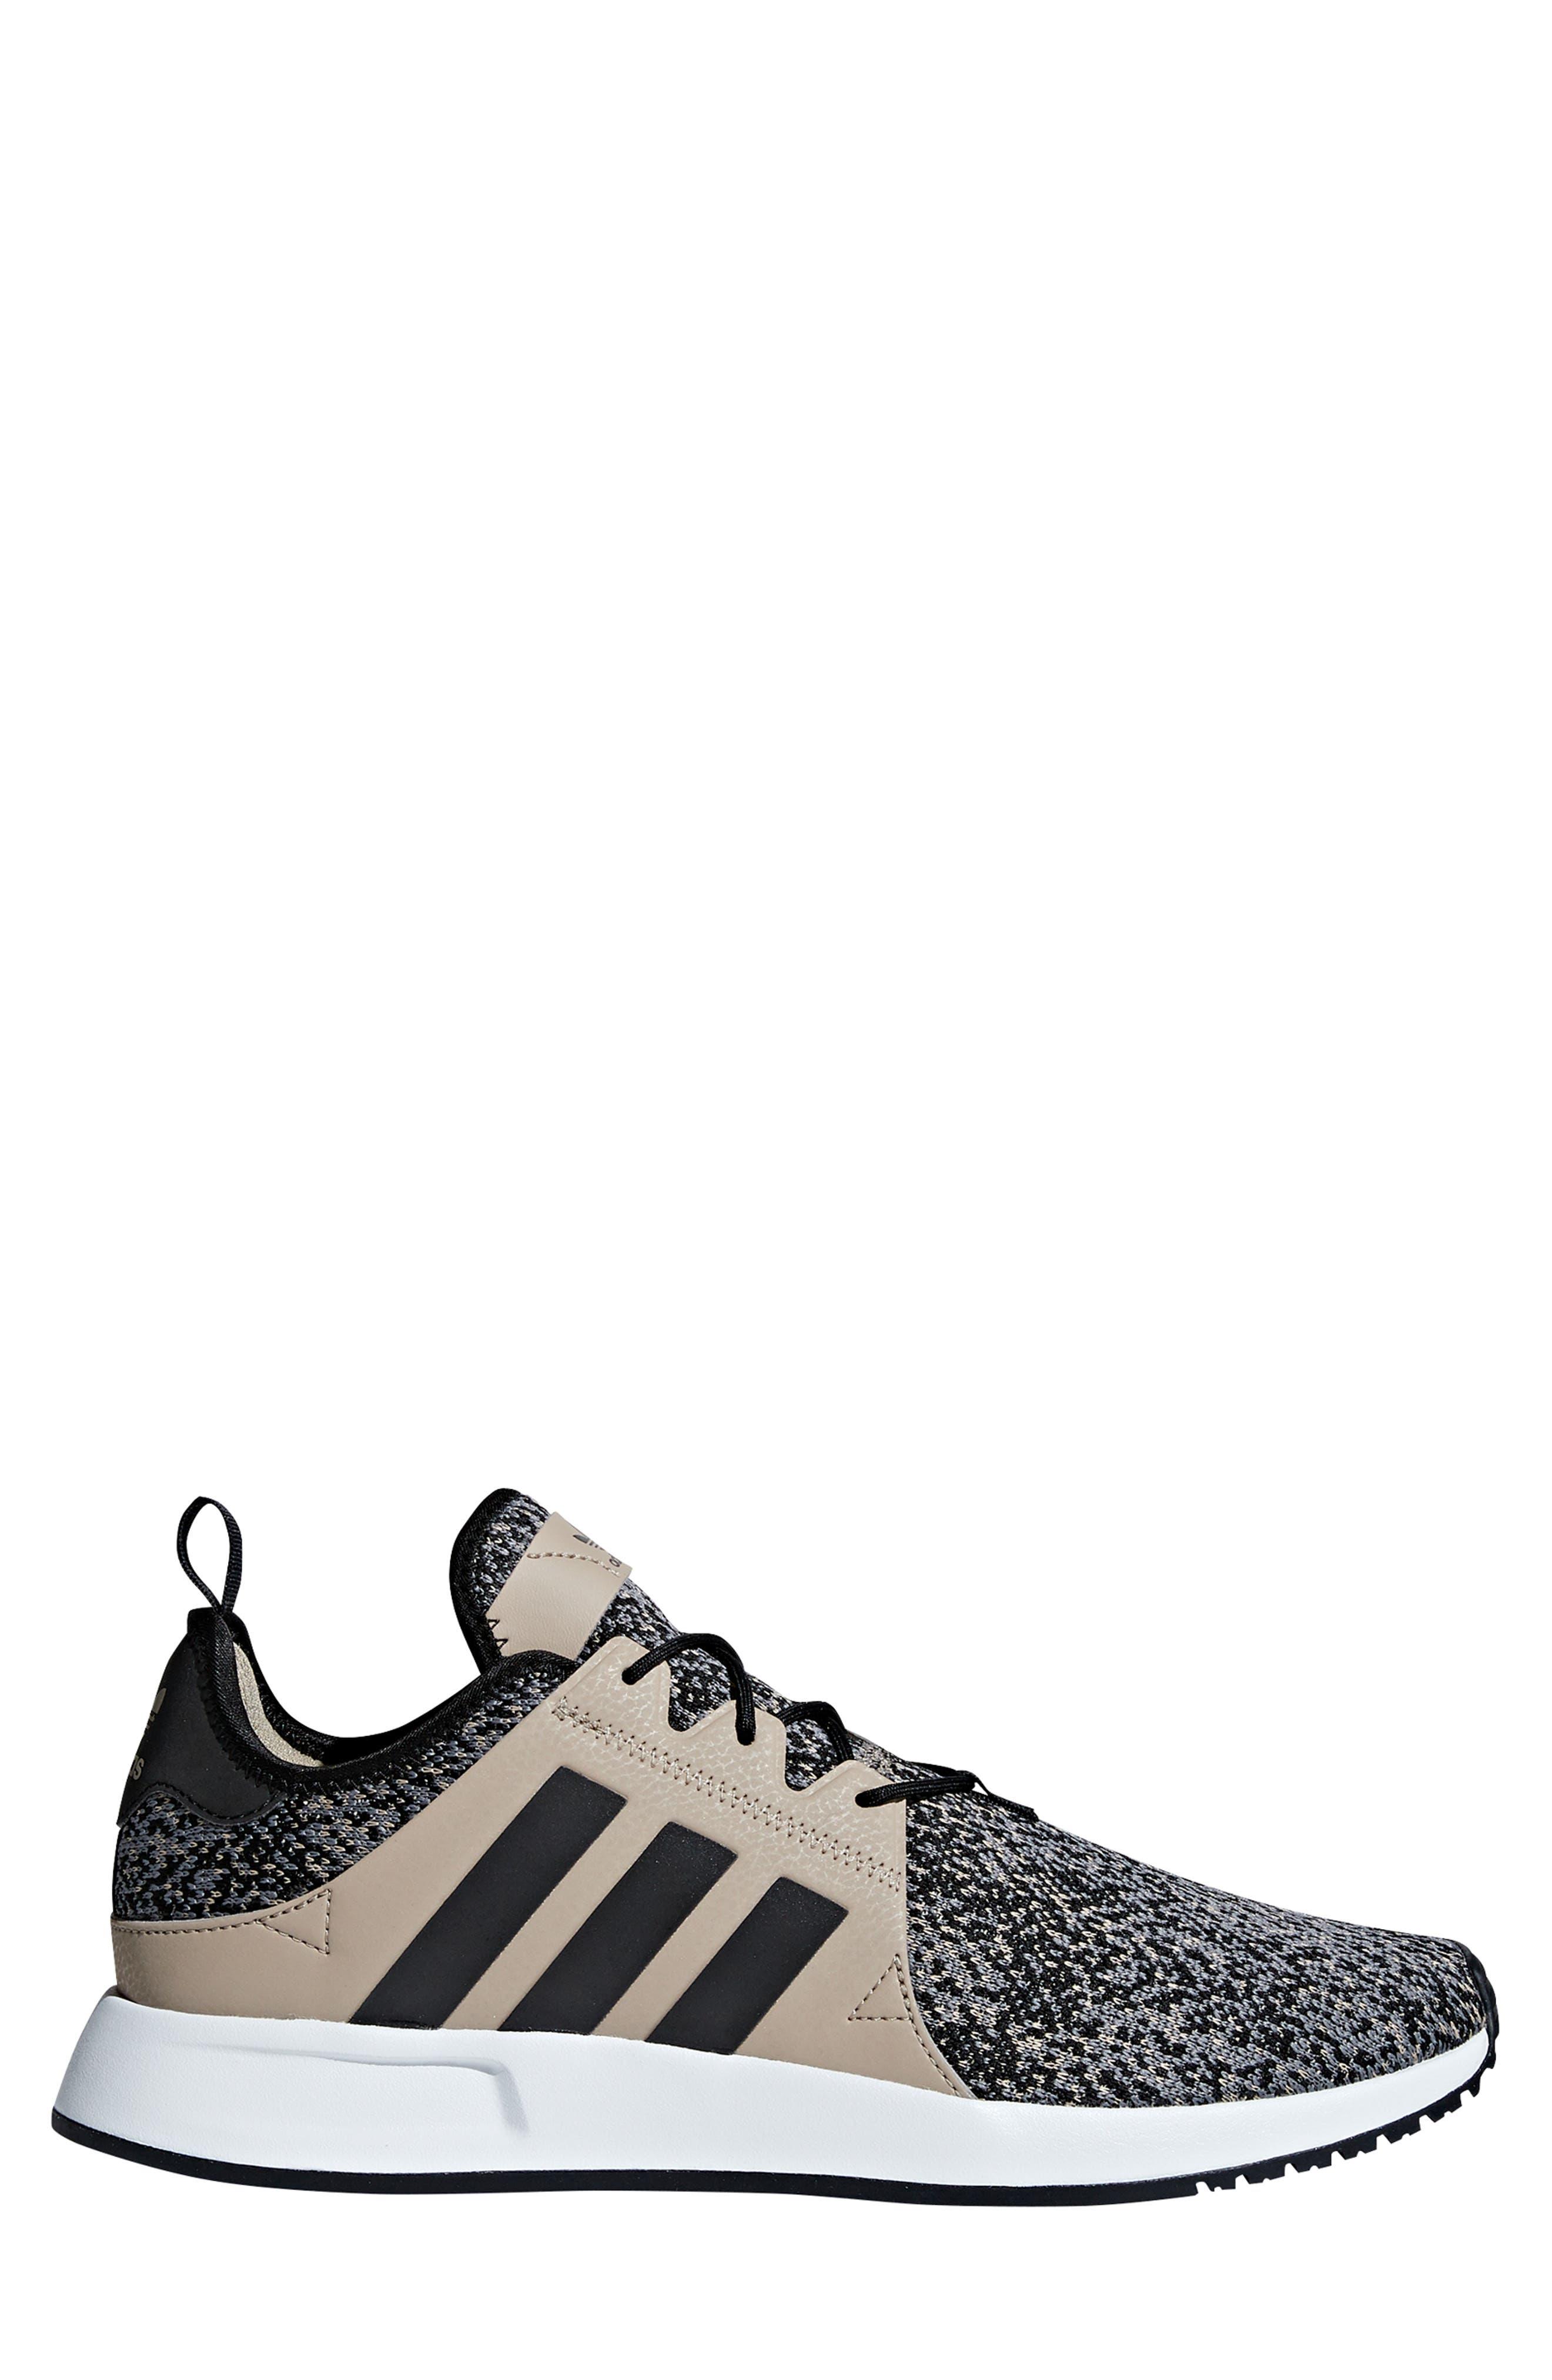 X_PLR Sneaker,                             Alternate thumbnail 3, color,                             KHAKI / CORE BLACK / WHITE